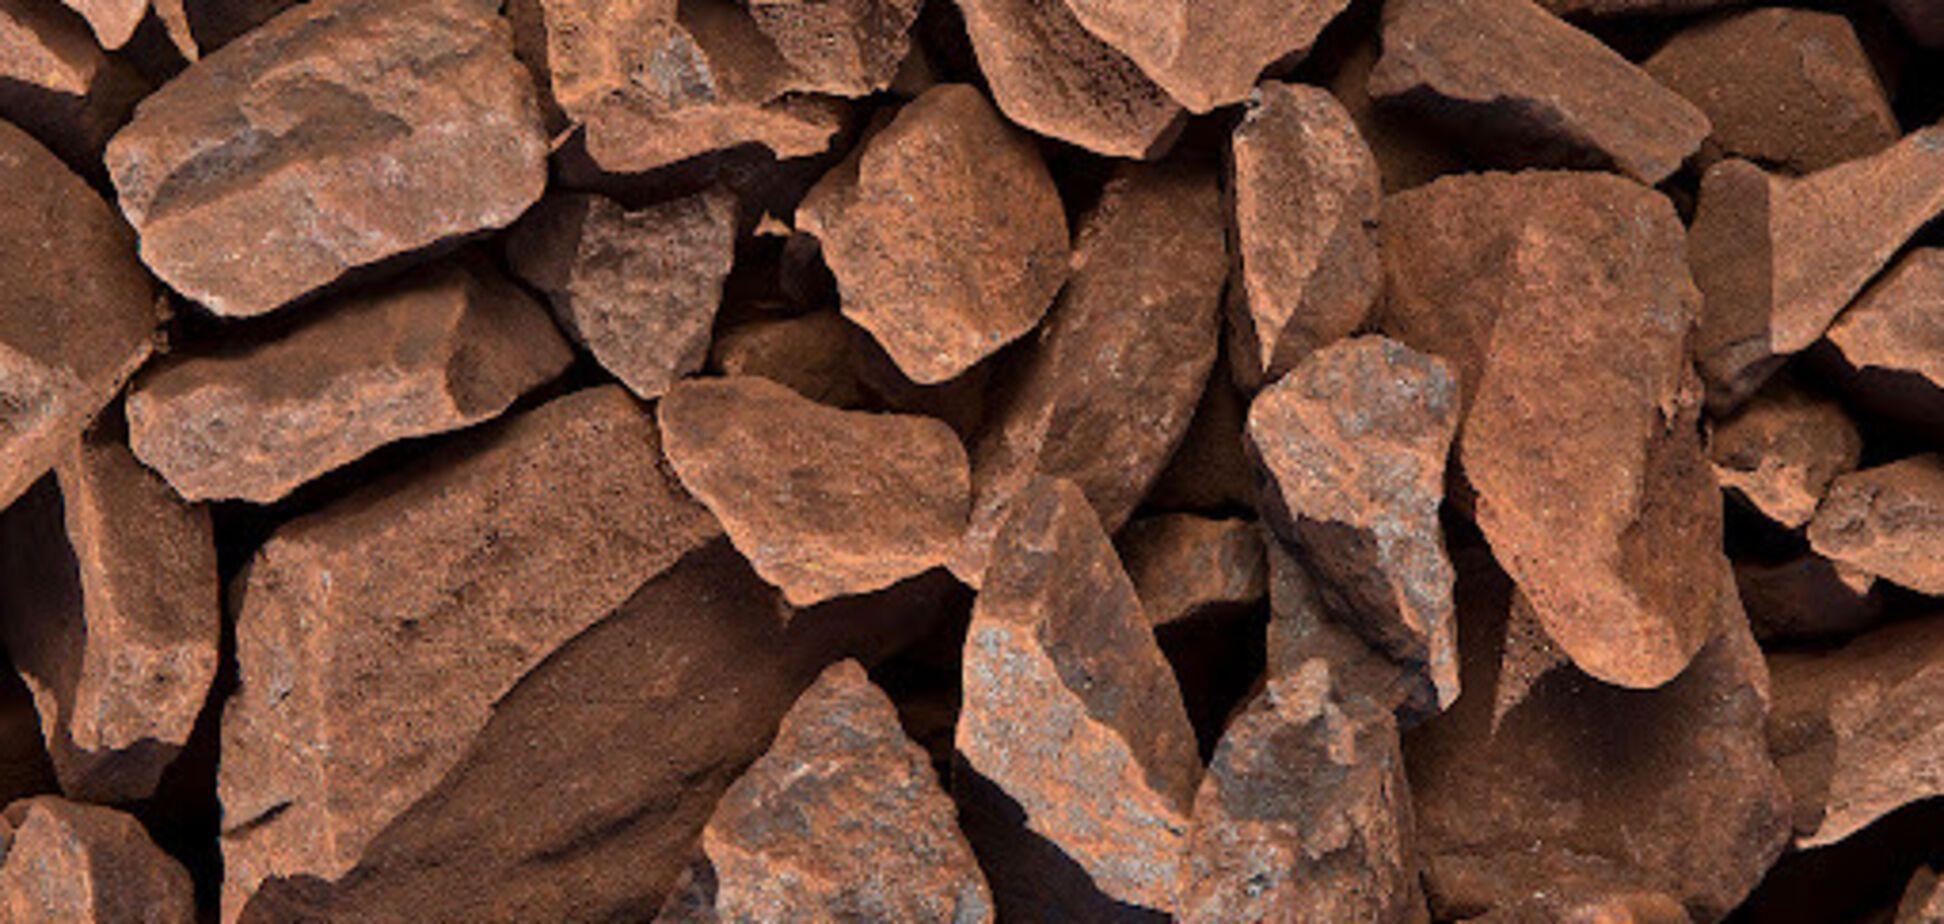 Украинских производителей руды предупредили об обвале цен и высокой конкуренции